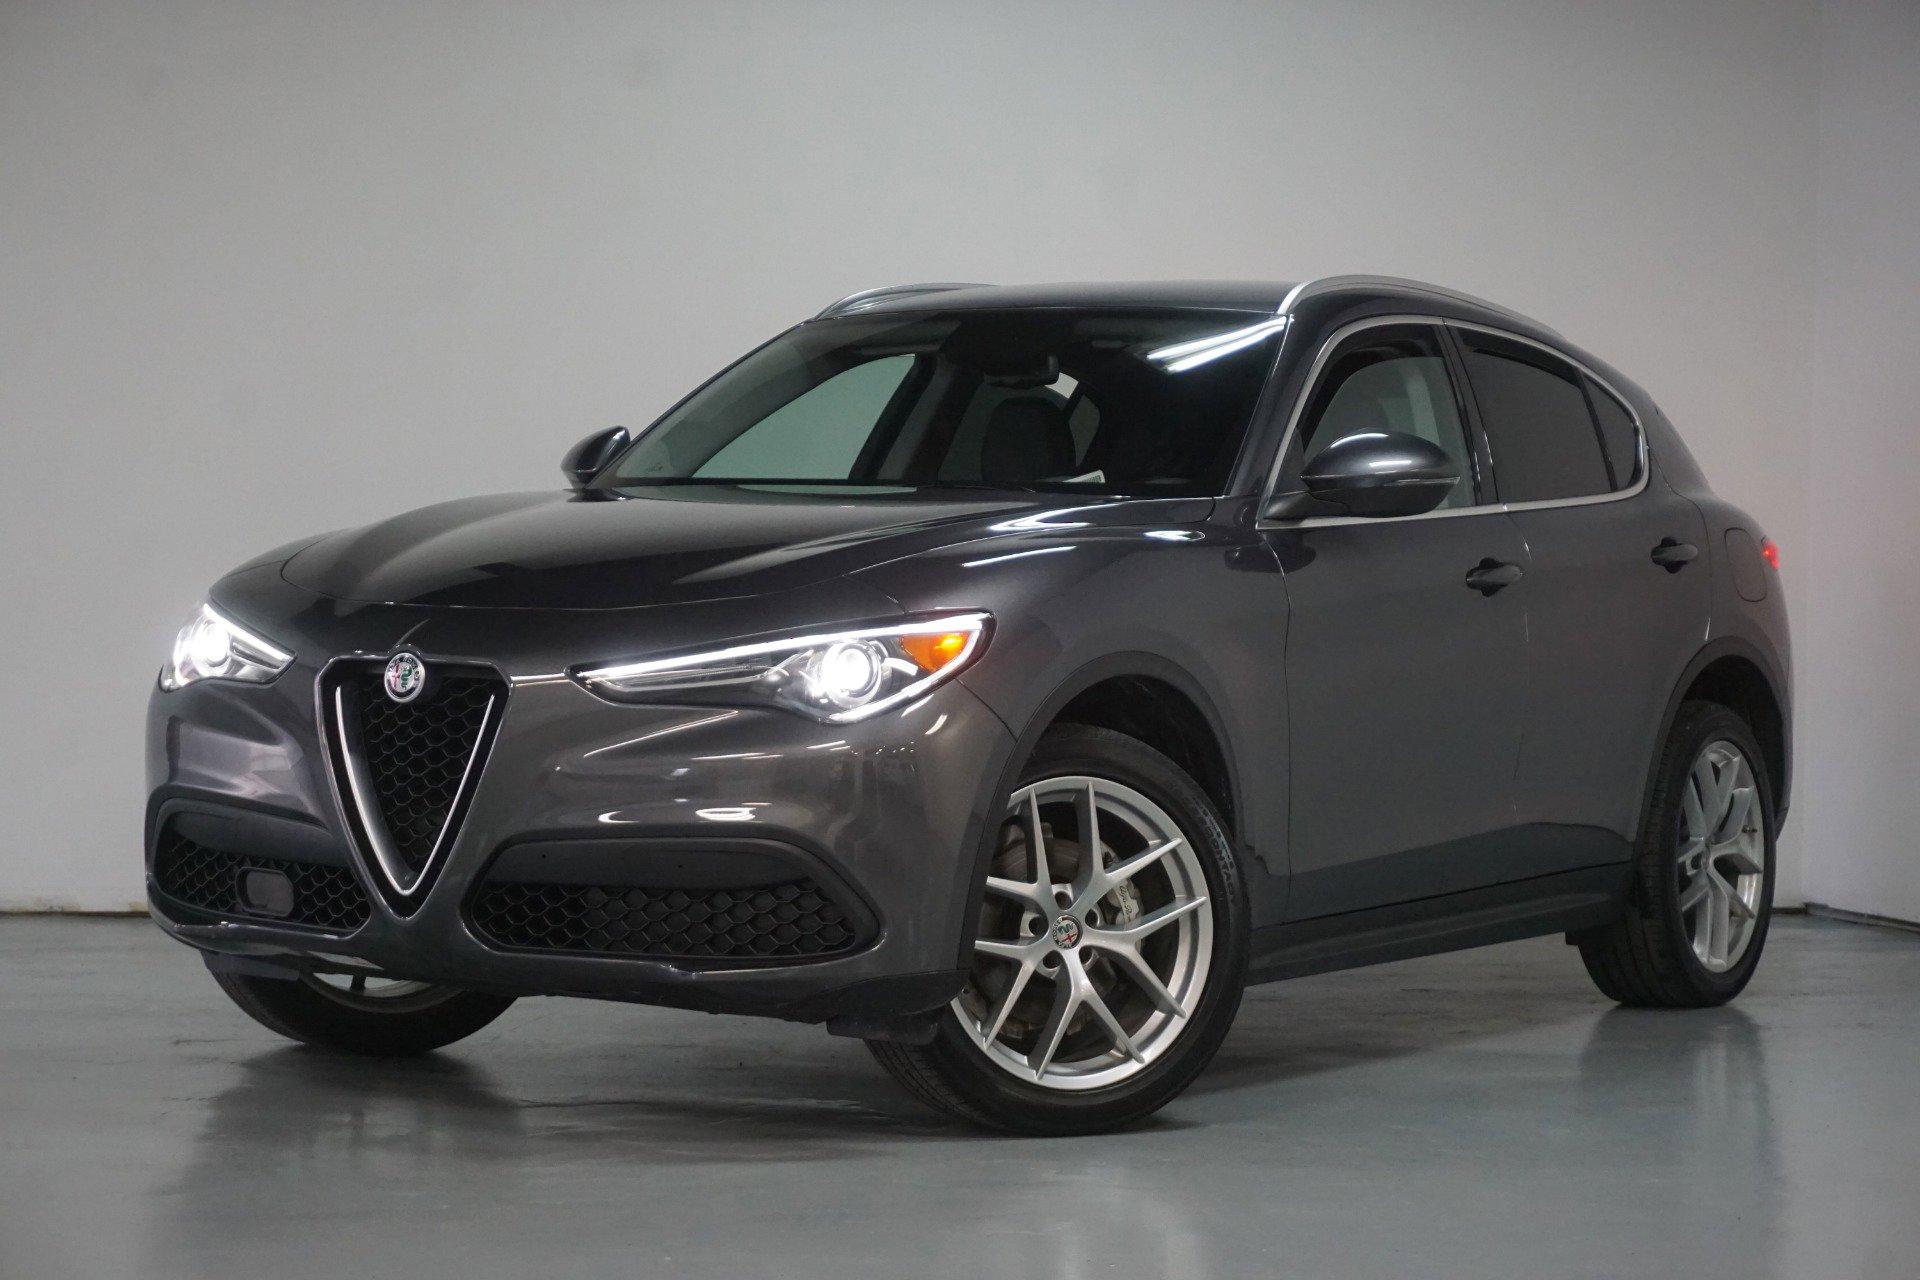 2018 Alfa Romeo Stelvio AWD image